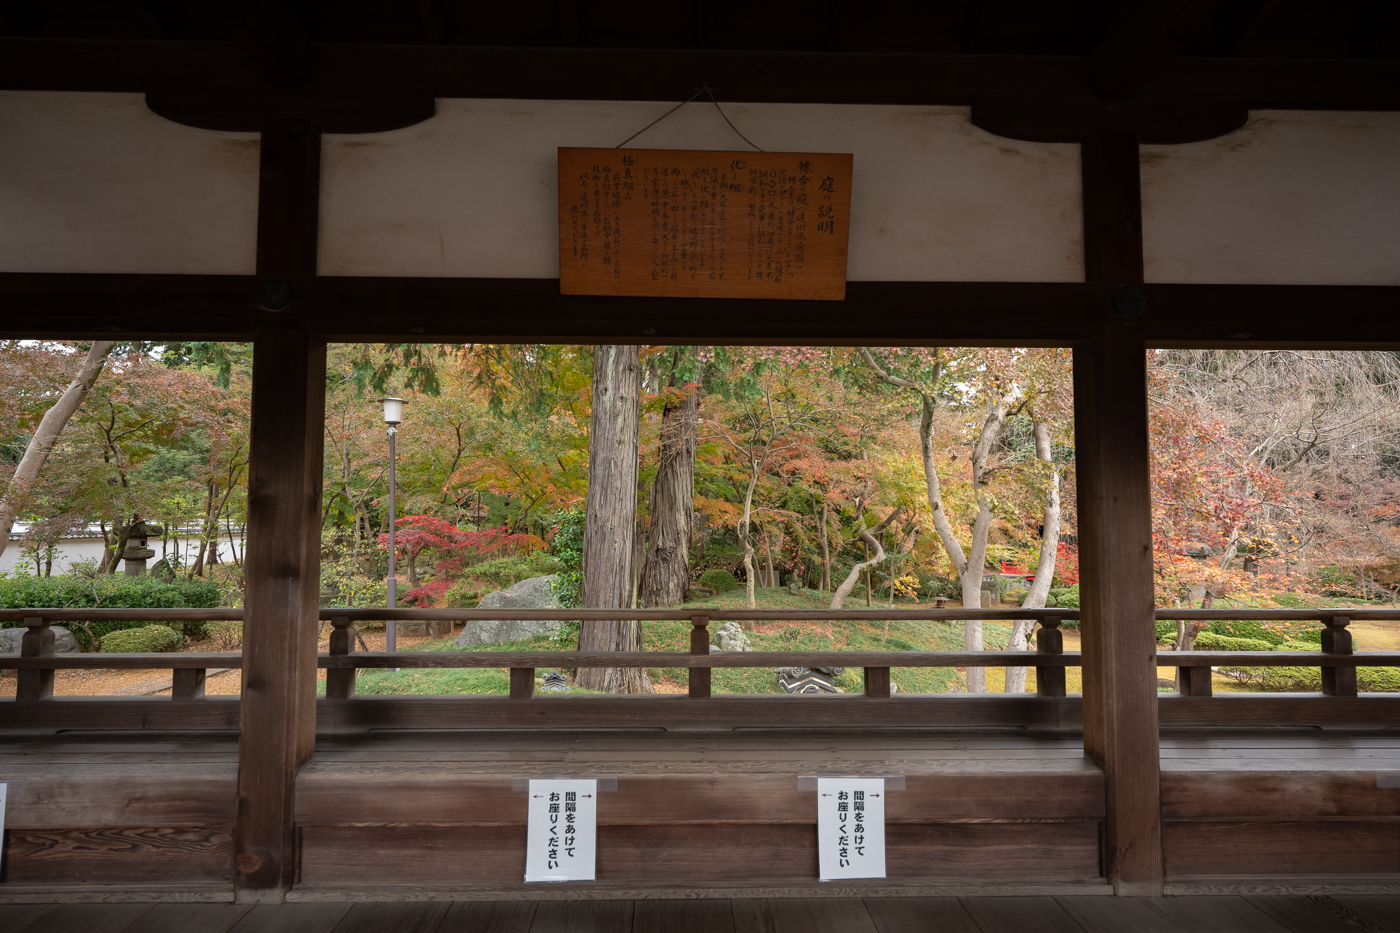 川越で魯肉飯を食べつつ喜多院で紅葉を見てきたっ!